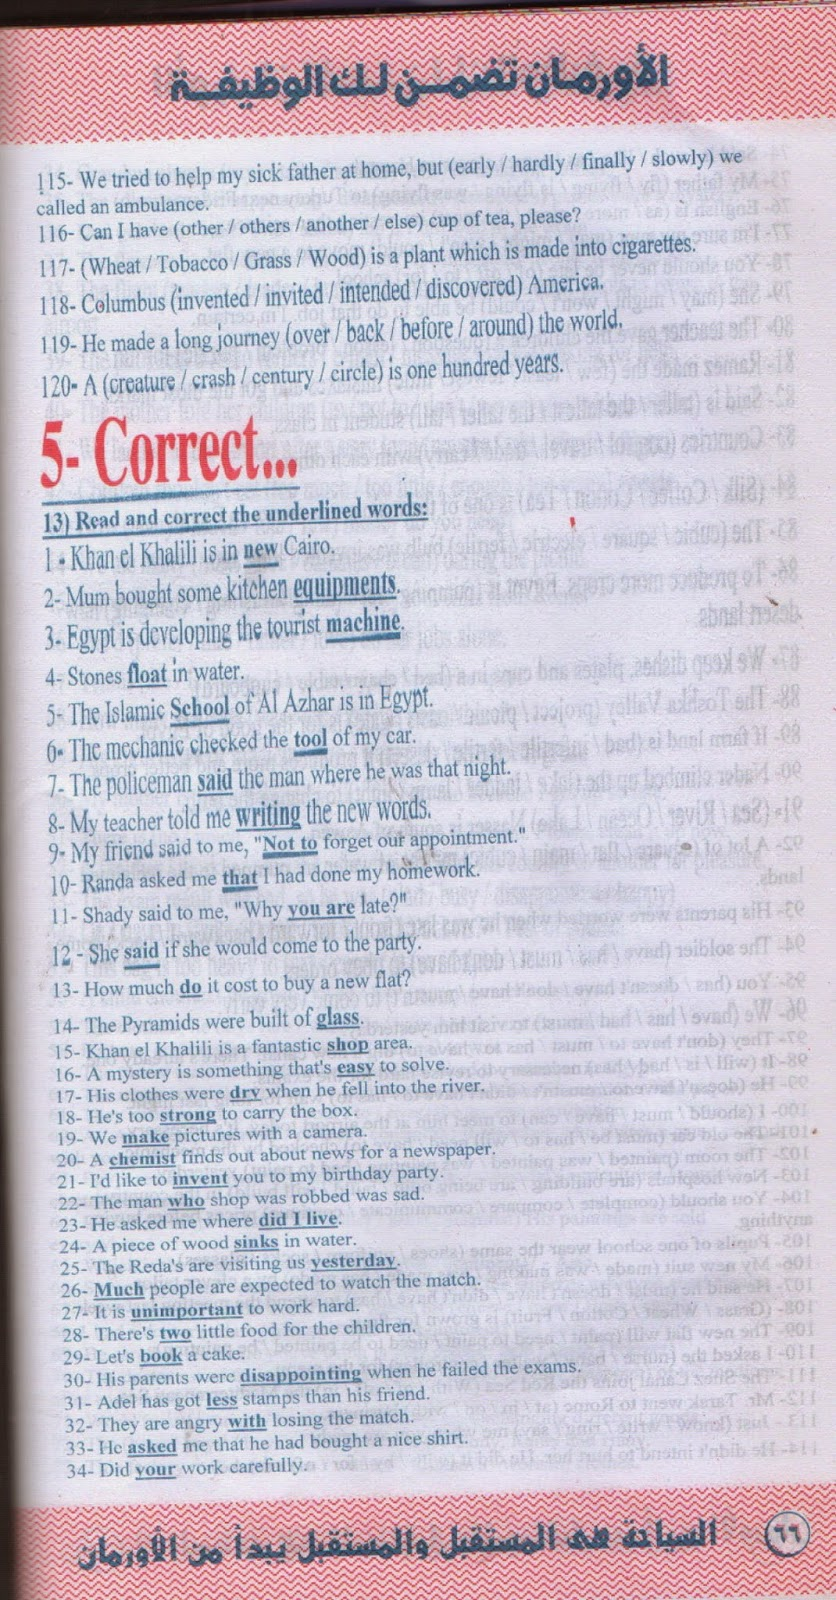 مراجعة انجلش وكمبيوتر ترم 2 الثالث الإعدادى 7.jpg